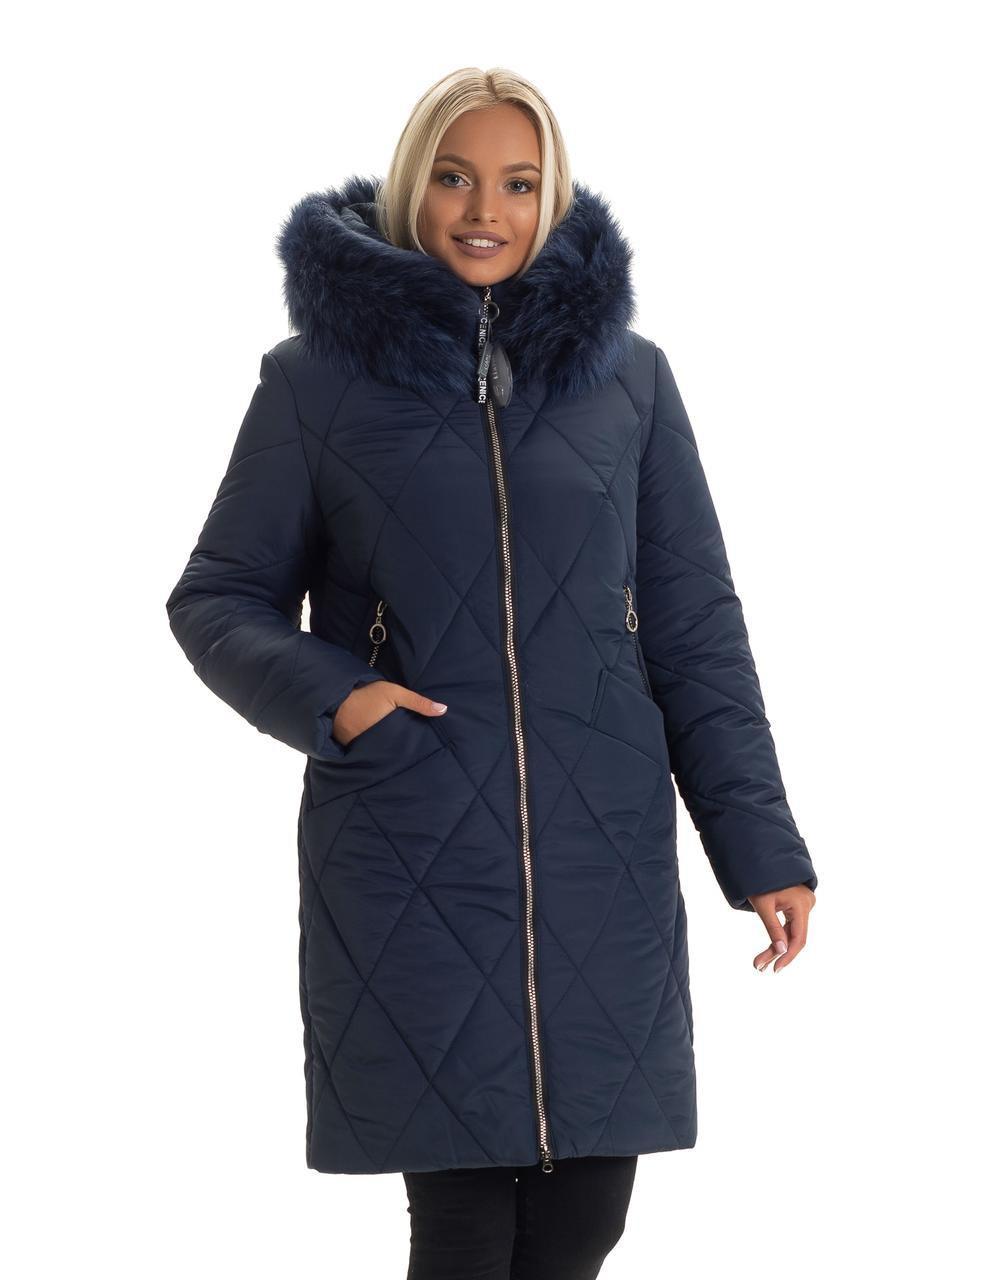 Молодёжный женский зимний пуховик / куртка синий с мехом песец батал большой размер 44 46 48 50 52 54 56